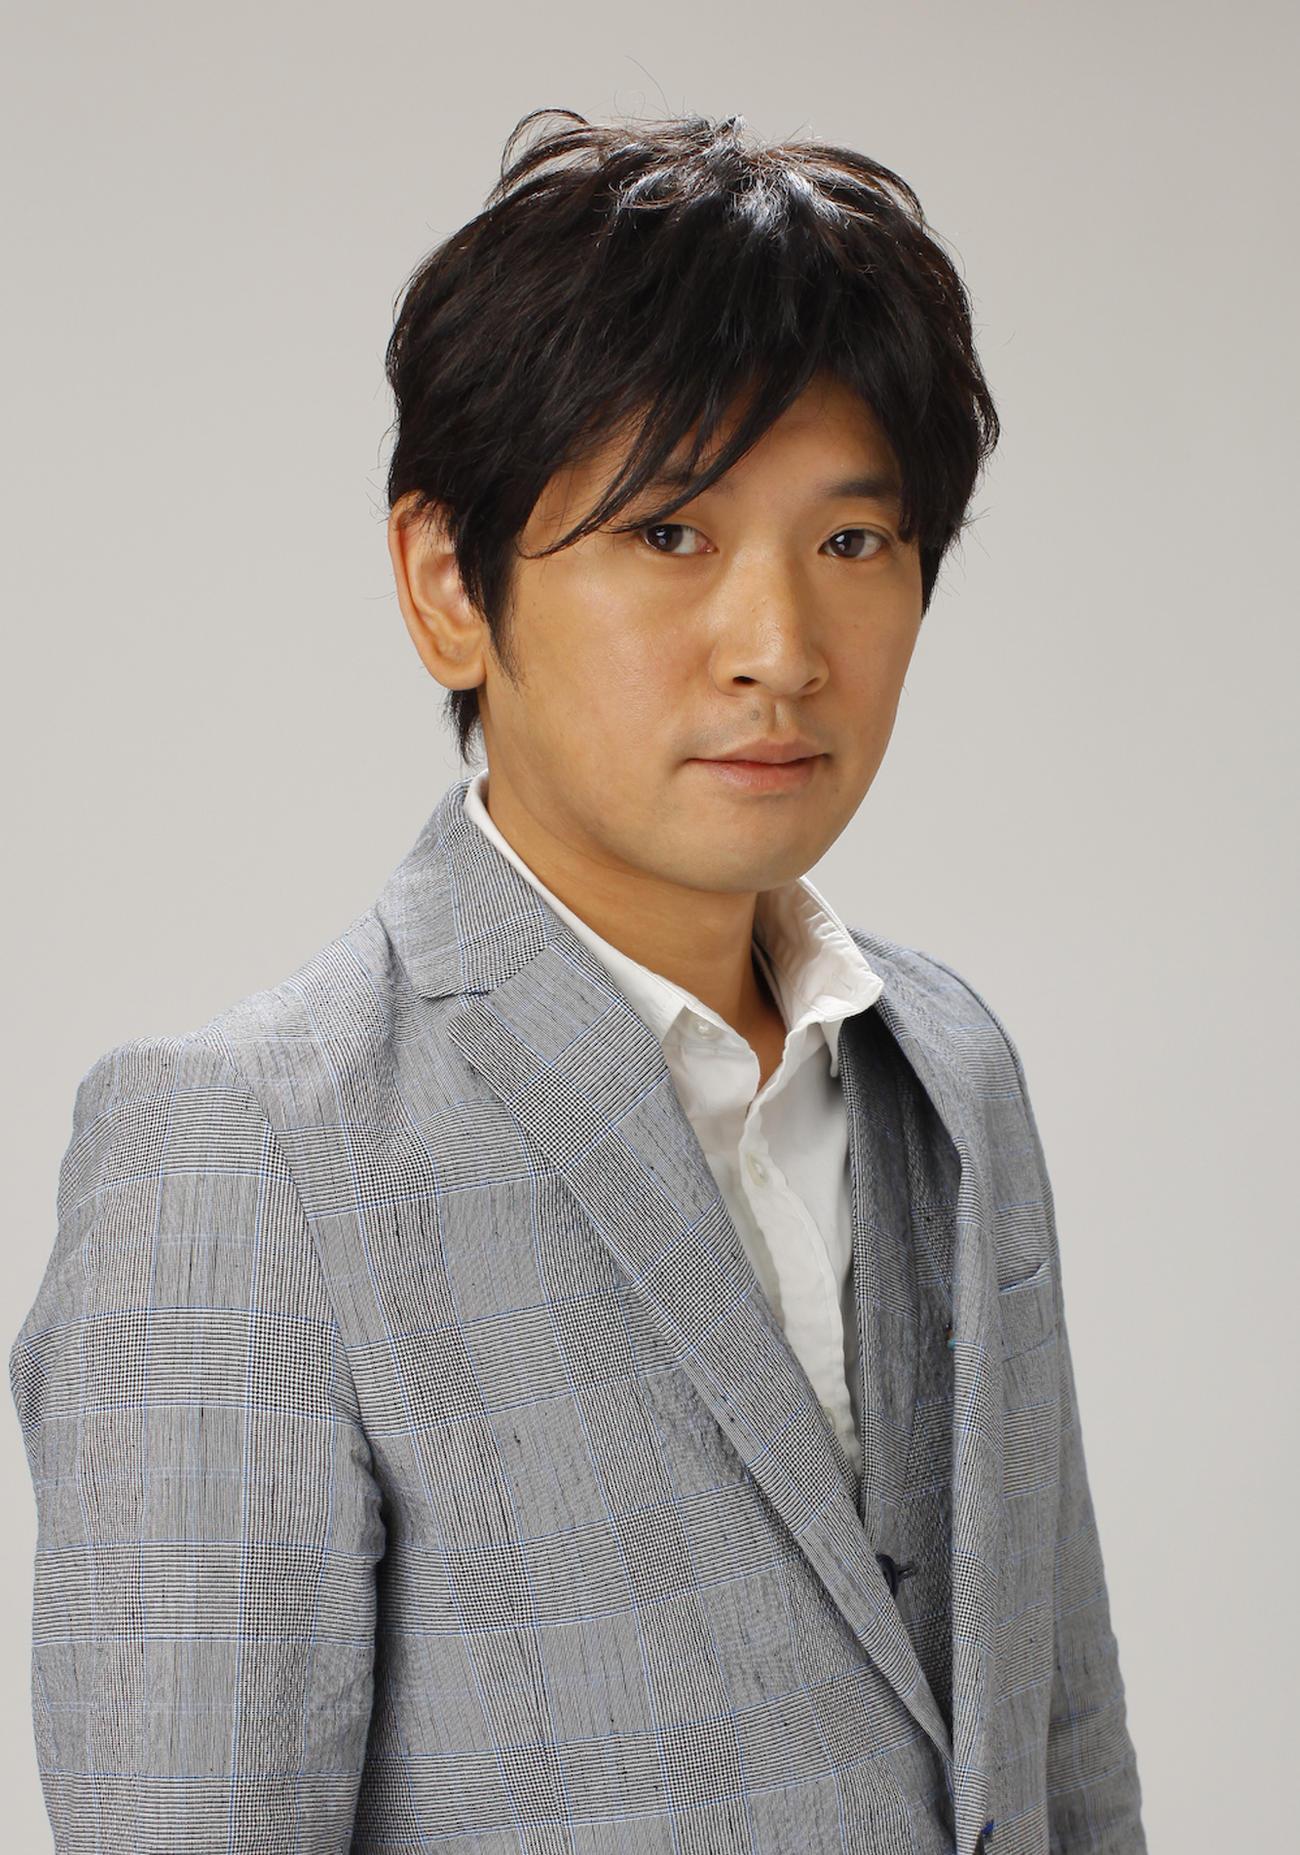 チバテレ開局50周年記念ドラマ「チバケンのマツモトさん。」で松本清役を演じる長谷川朝晴